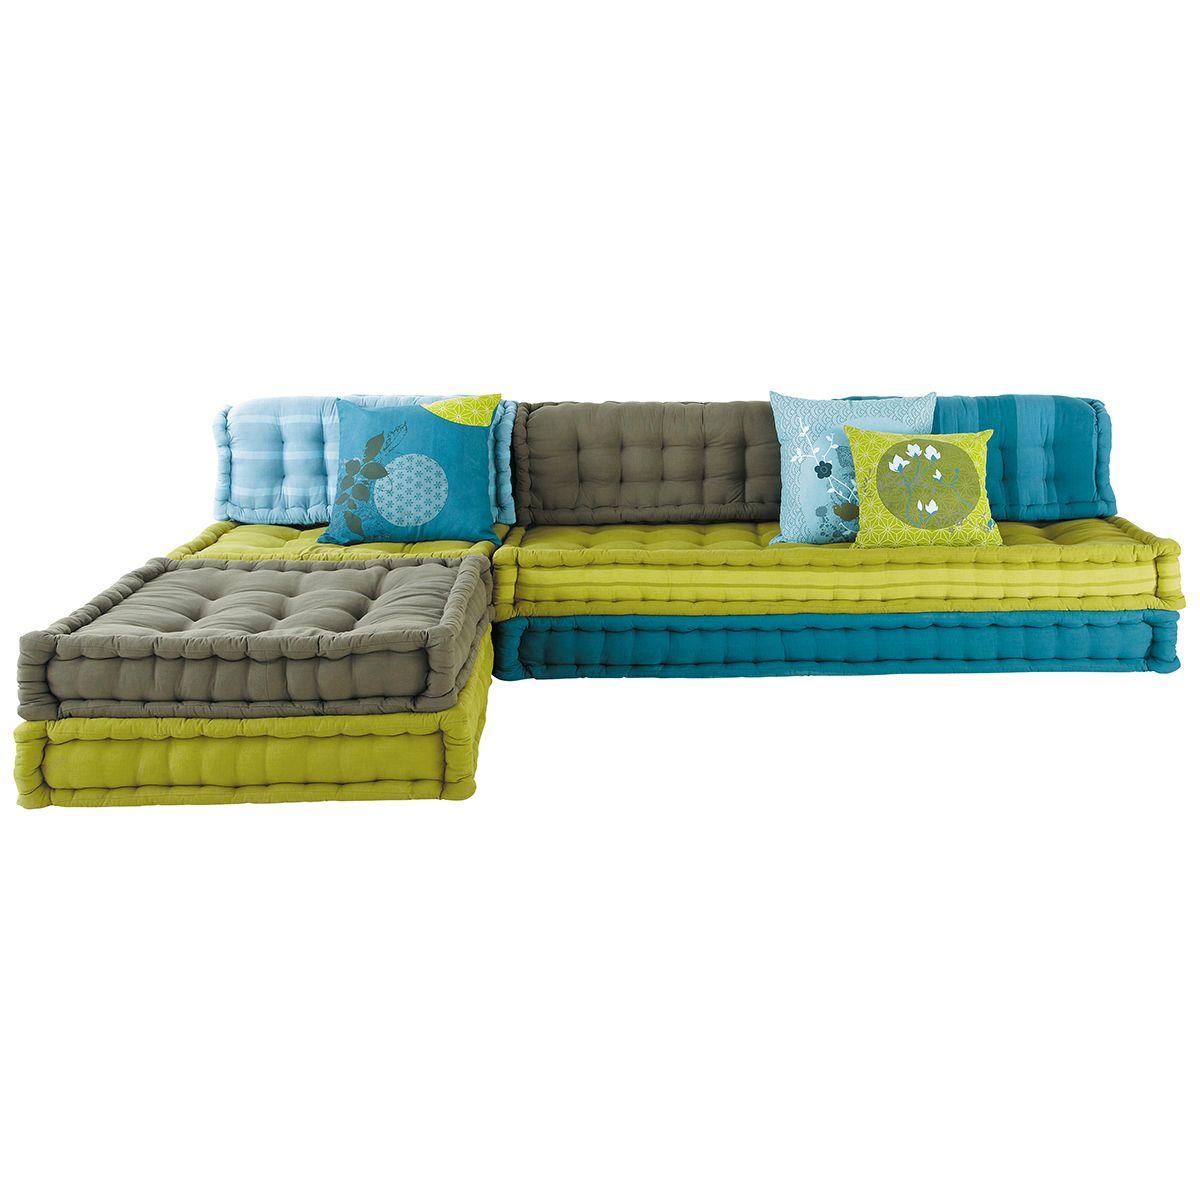 Modular Living Room Furniture Uk 60s Style Low Modular Sofa Found Here Https Wwwarighibianchi